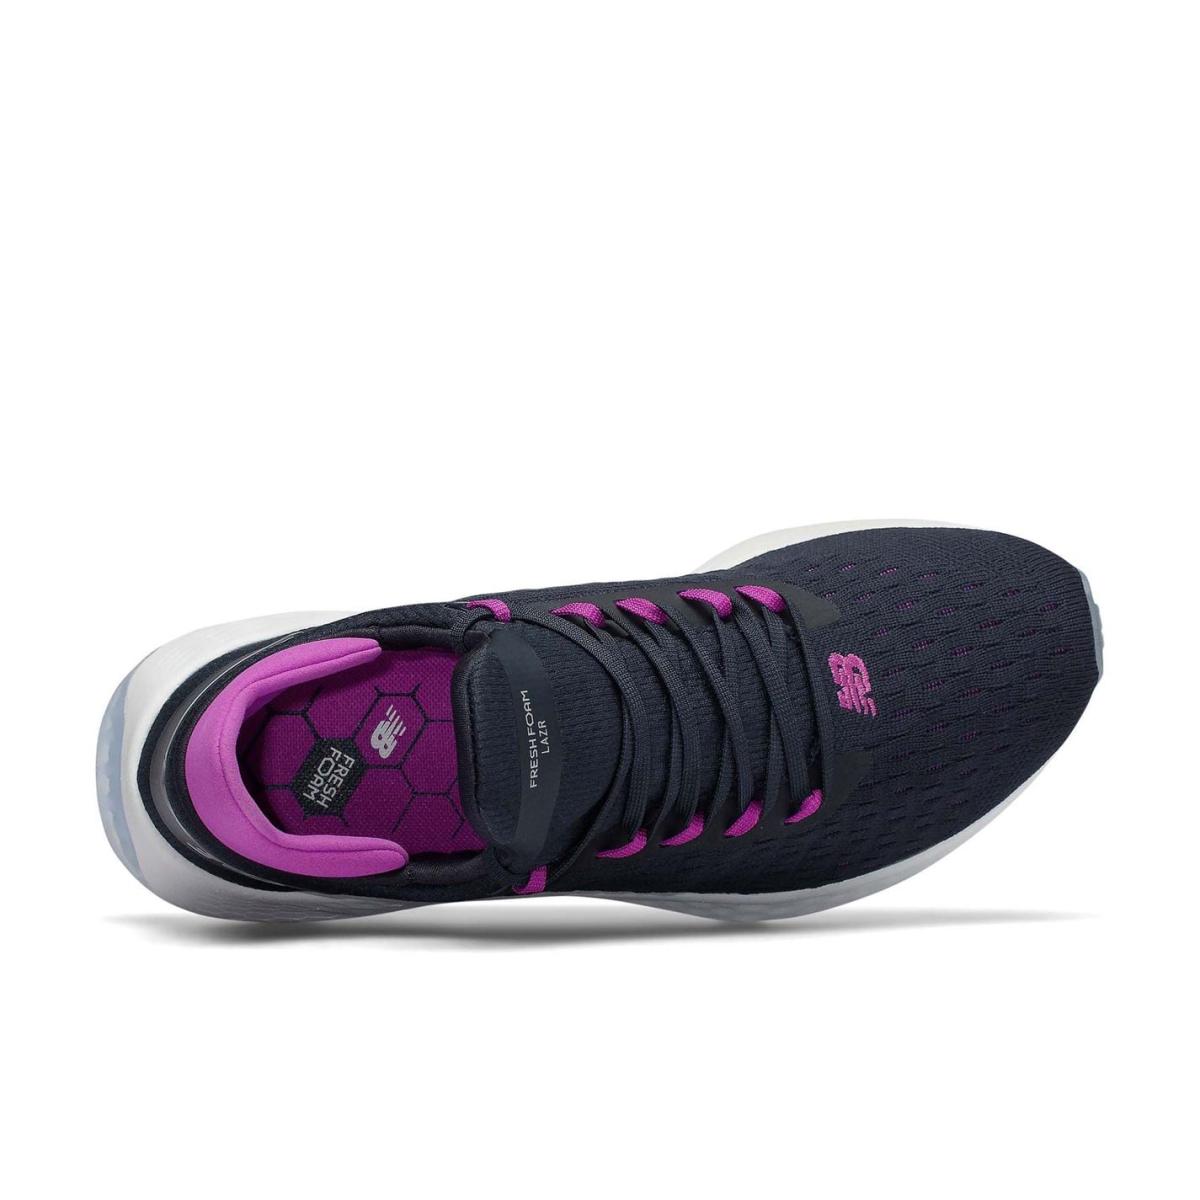 New-Balance-Fresh-Foam-Lazer-V2-Turnschuhe-Damen-Sneaker-Sport-Lsaufschuhe-1543 Indexbild 4